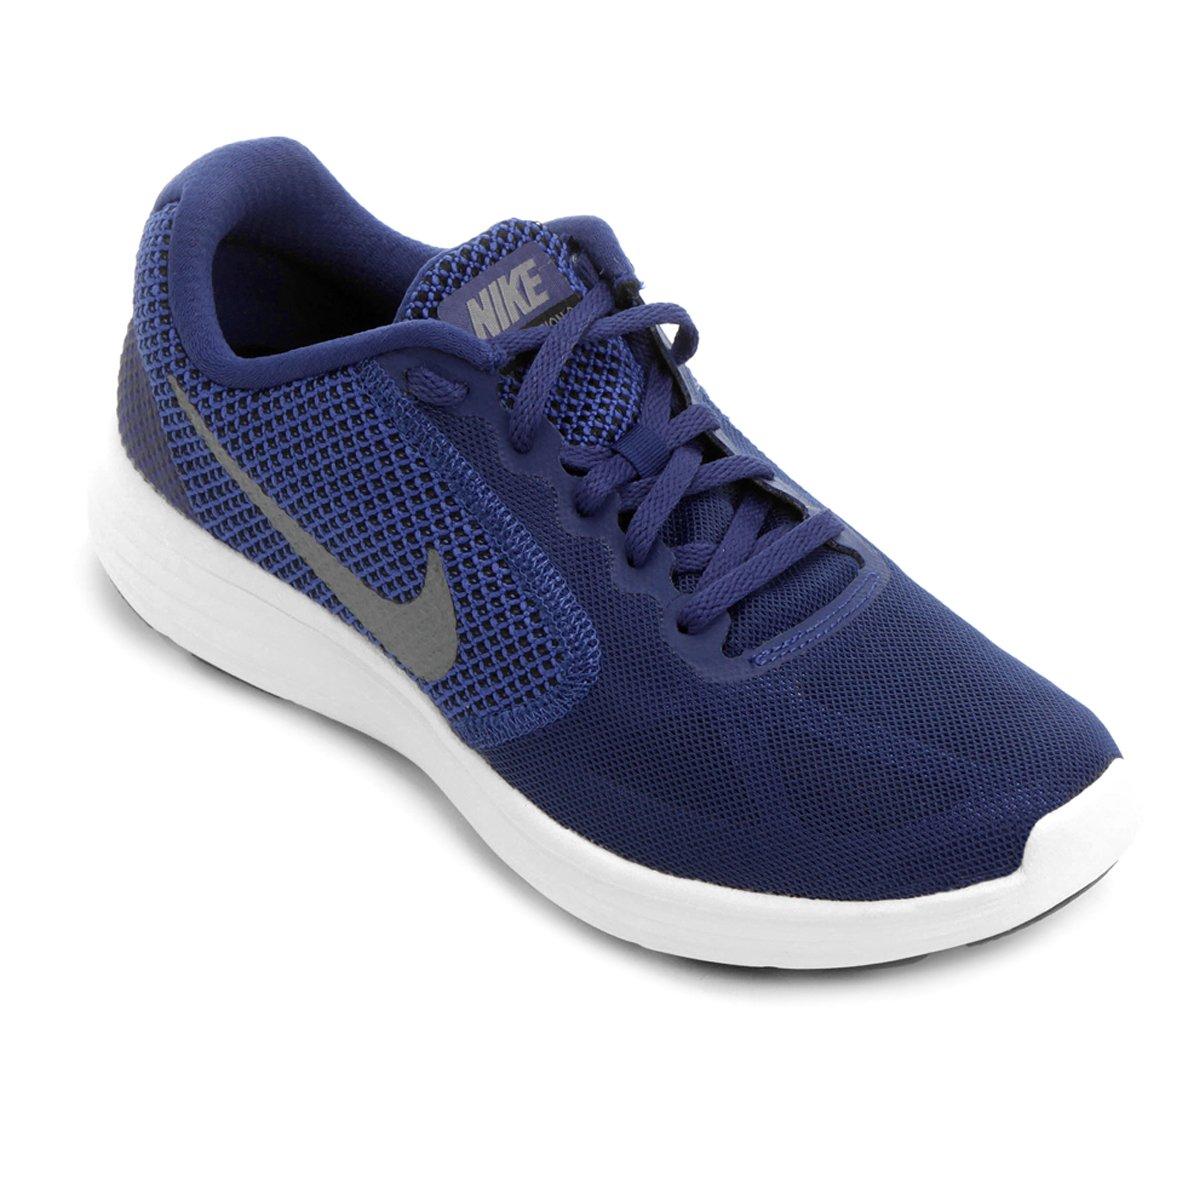 291a5464ee7 Tênis Nike Revolution 3 Masculino - Compre Agora